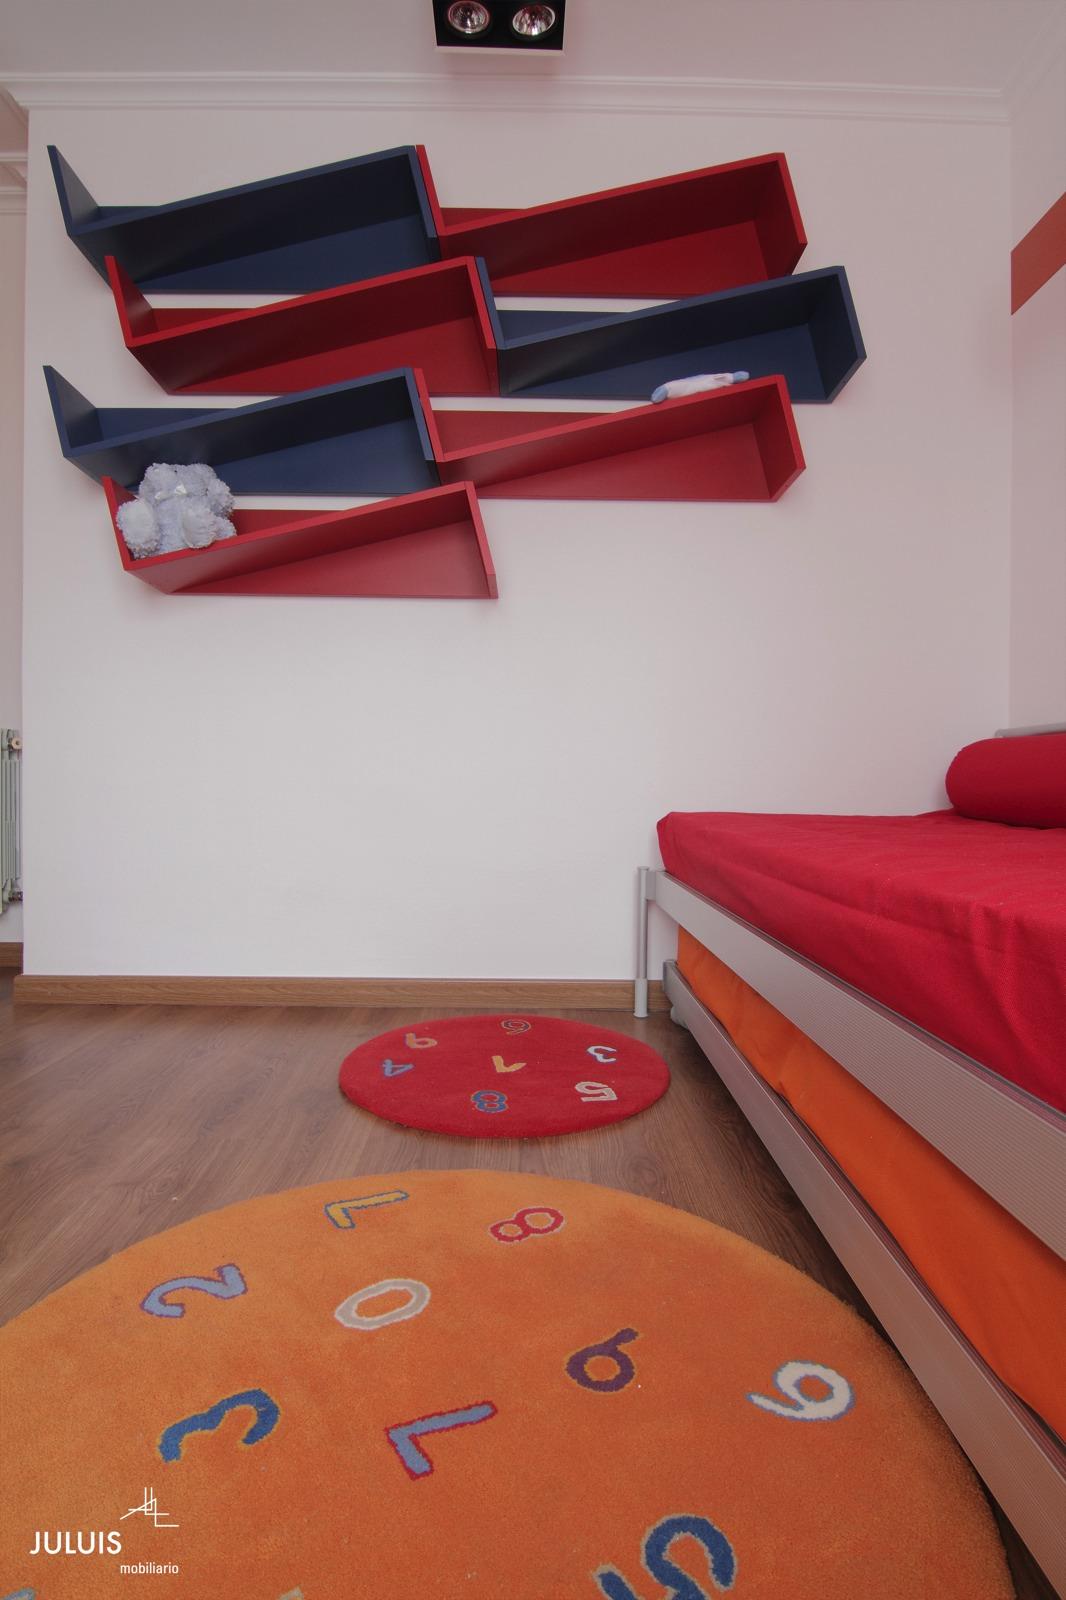 Juluis_Dormitorio-juvenil-Flou-Punt-Mobles-01